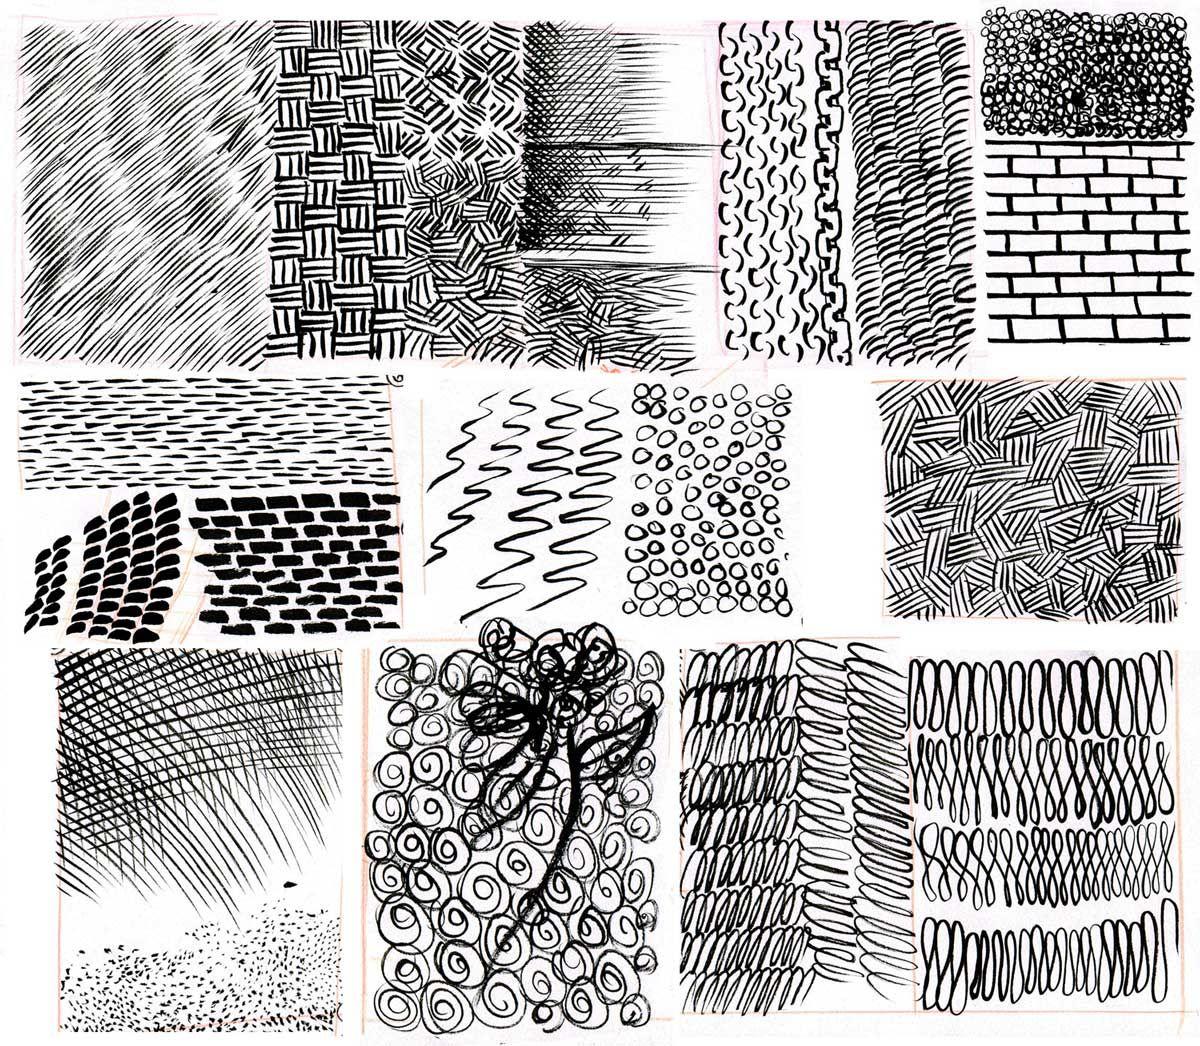 Basic drawing exercises drawing exercises basic drawing